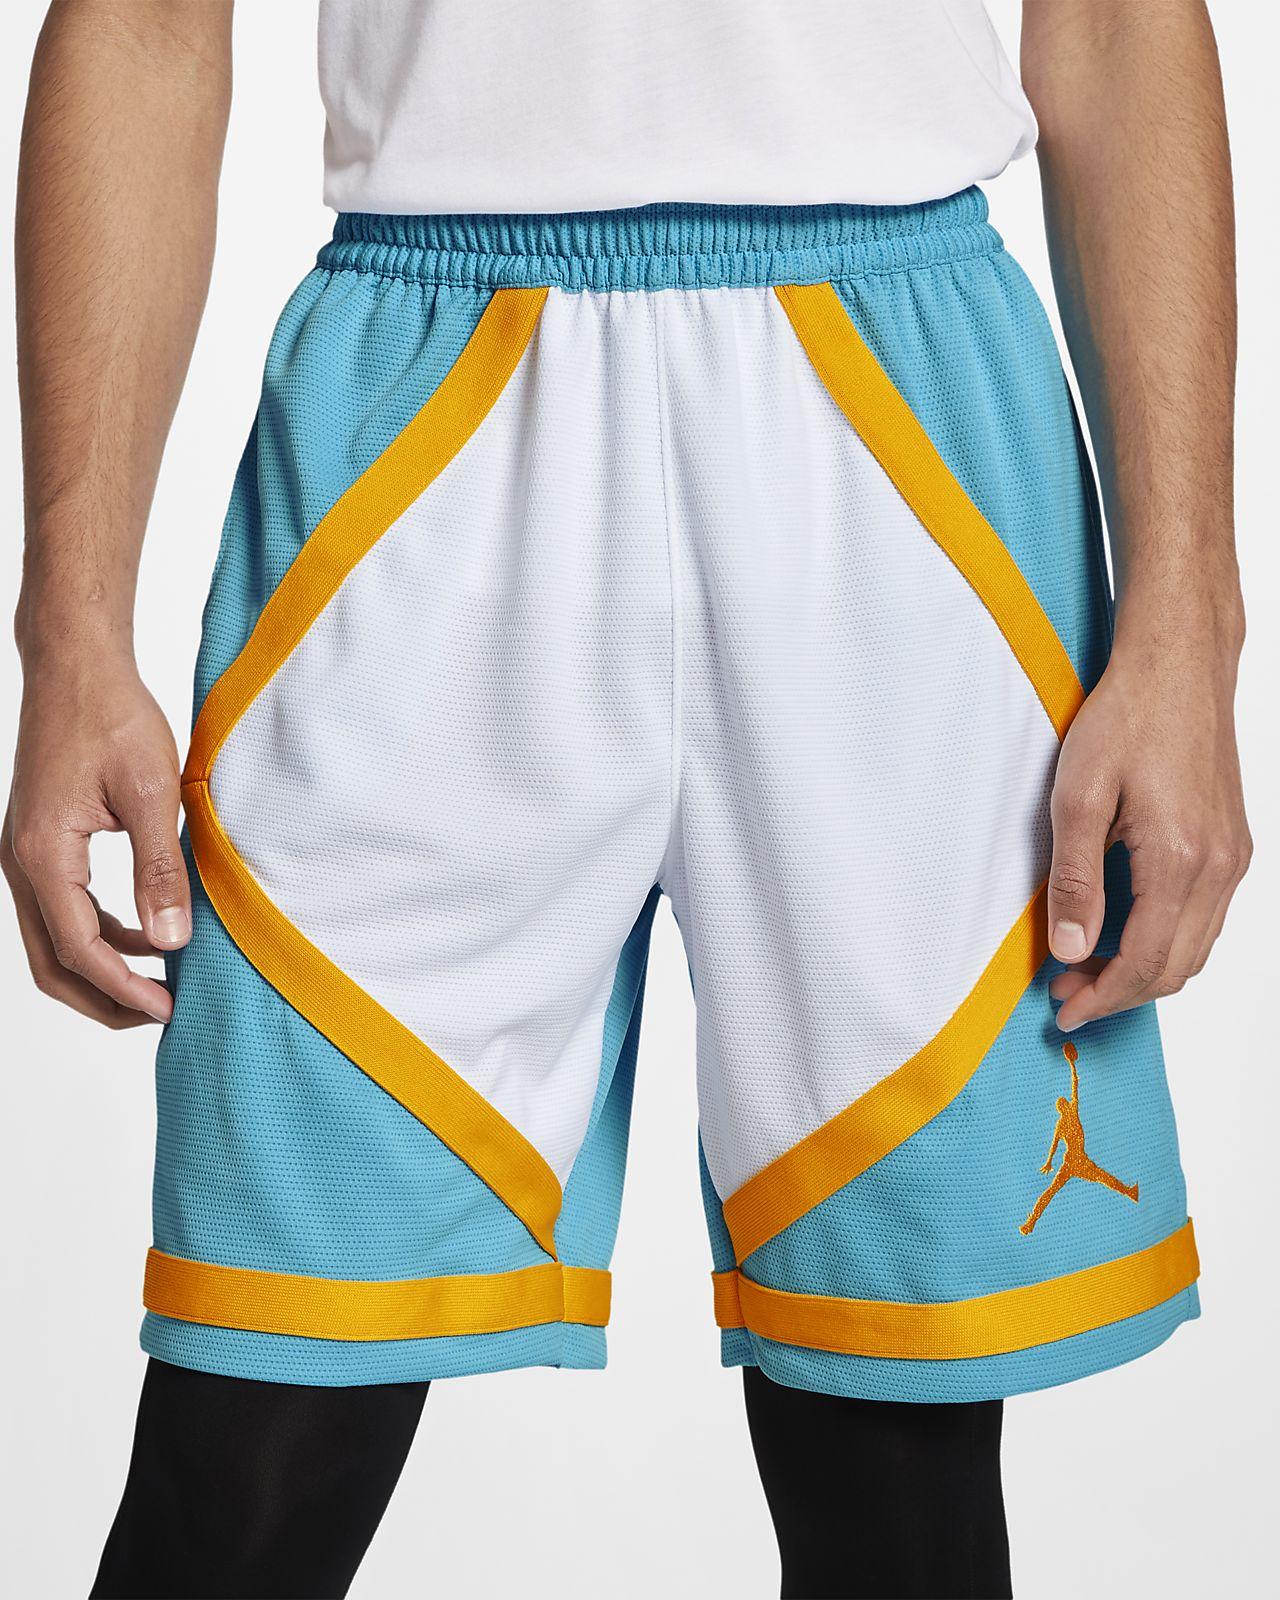 กางเกงบาสเก็ตบอลขาสั้นผู้ชายมีแถบ Jordan Dri-FIT